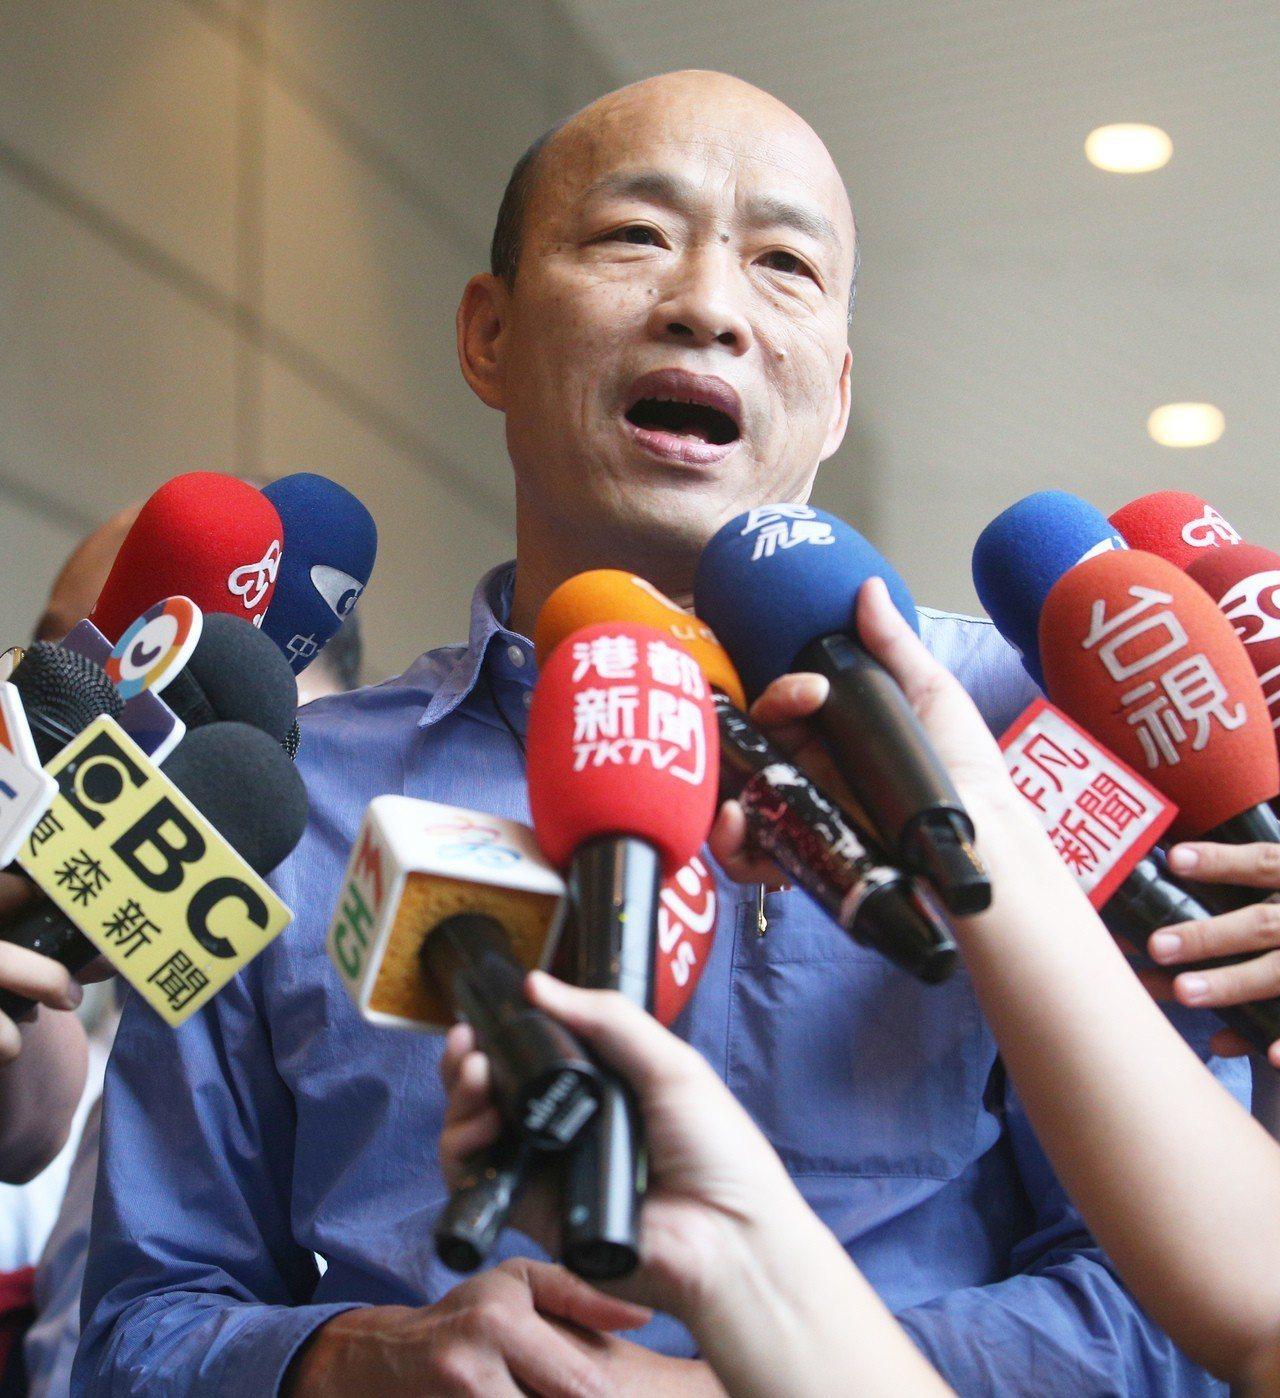 蔡英文總統要求韓市長必須把「國軍是太監」這句話收回去,韓國瑜指蔡總統「搞錯重點,...